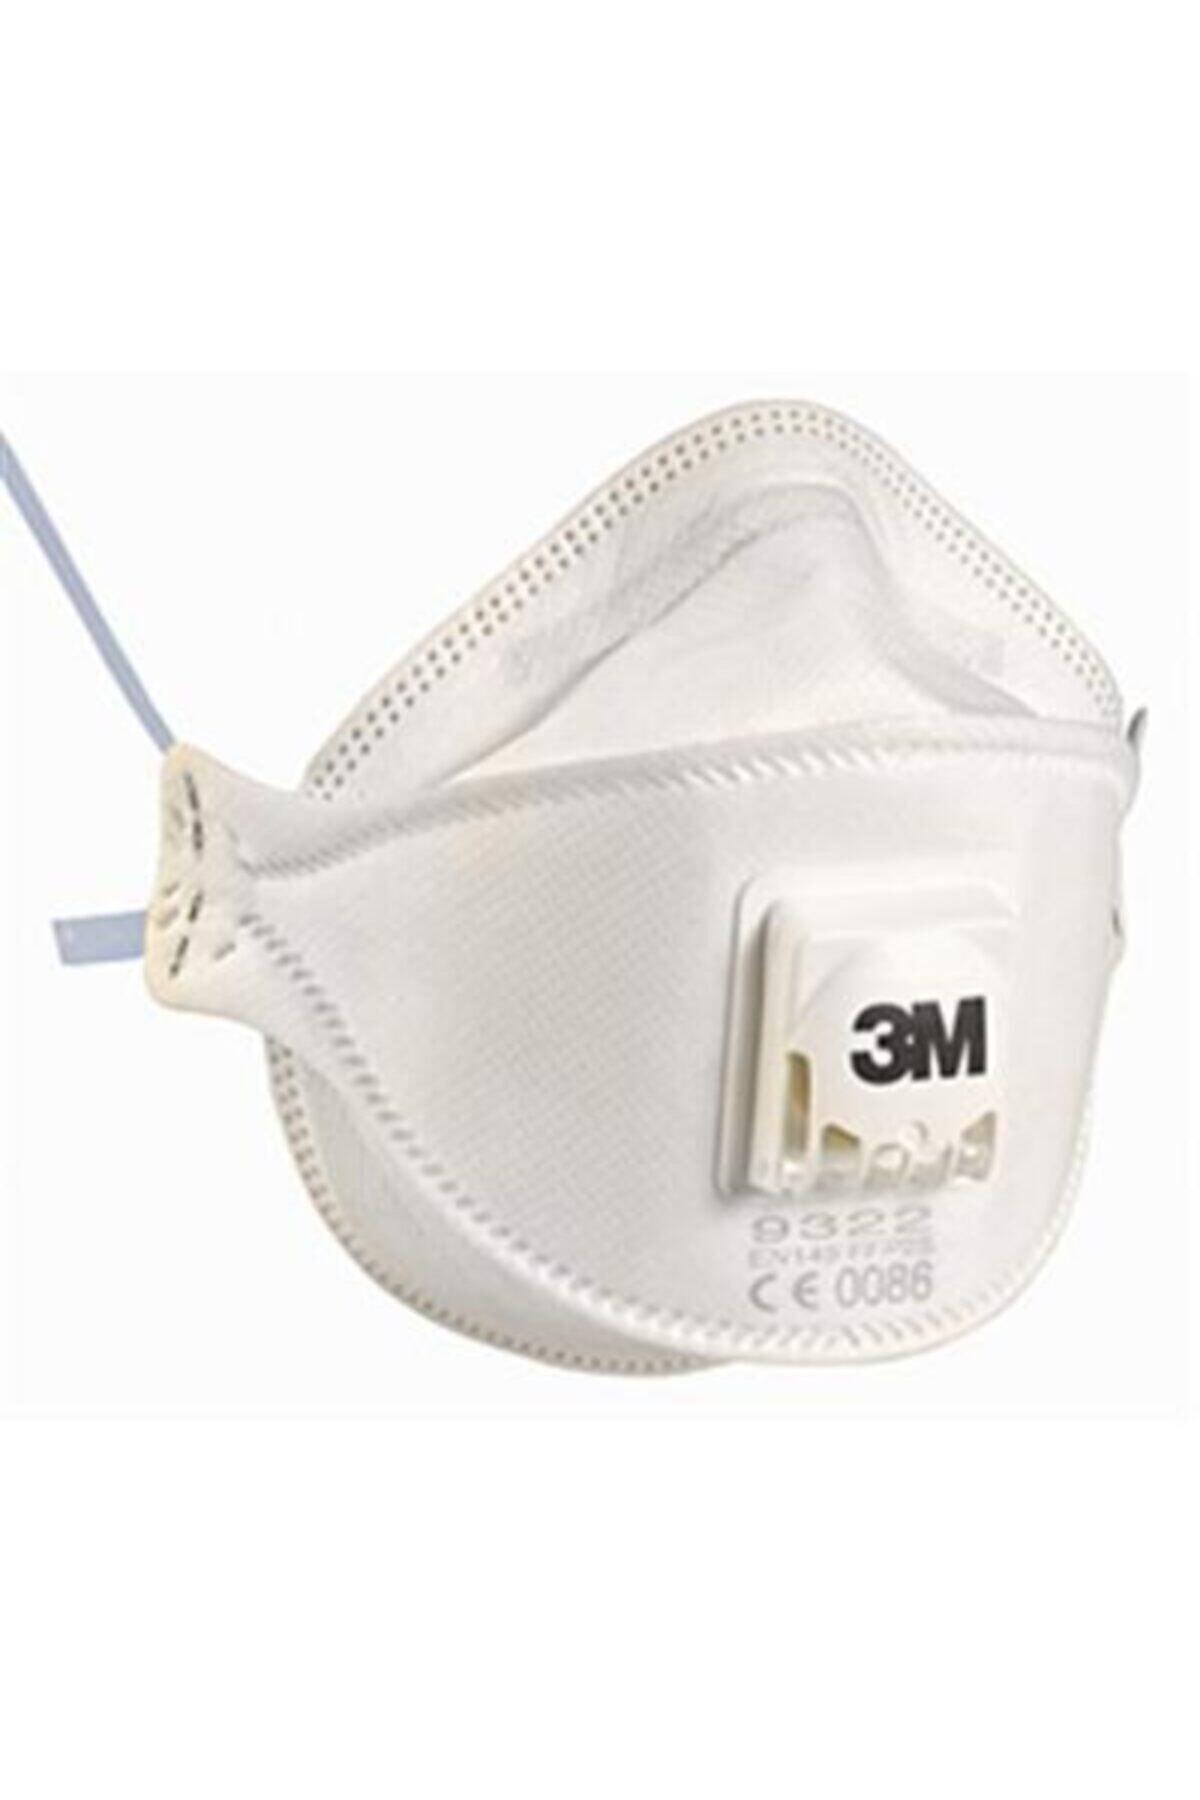 3M 9322+ Aura Ffp2 Solunum Koruyucu Maske 1 Adet 1